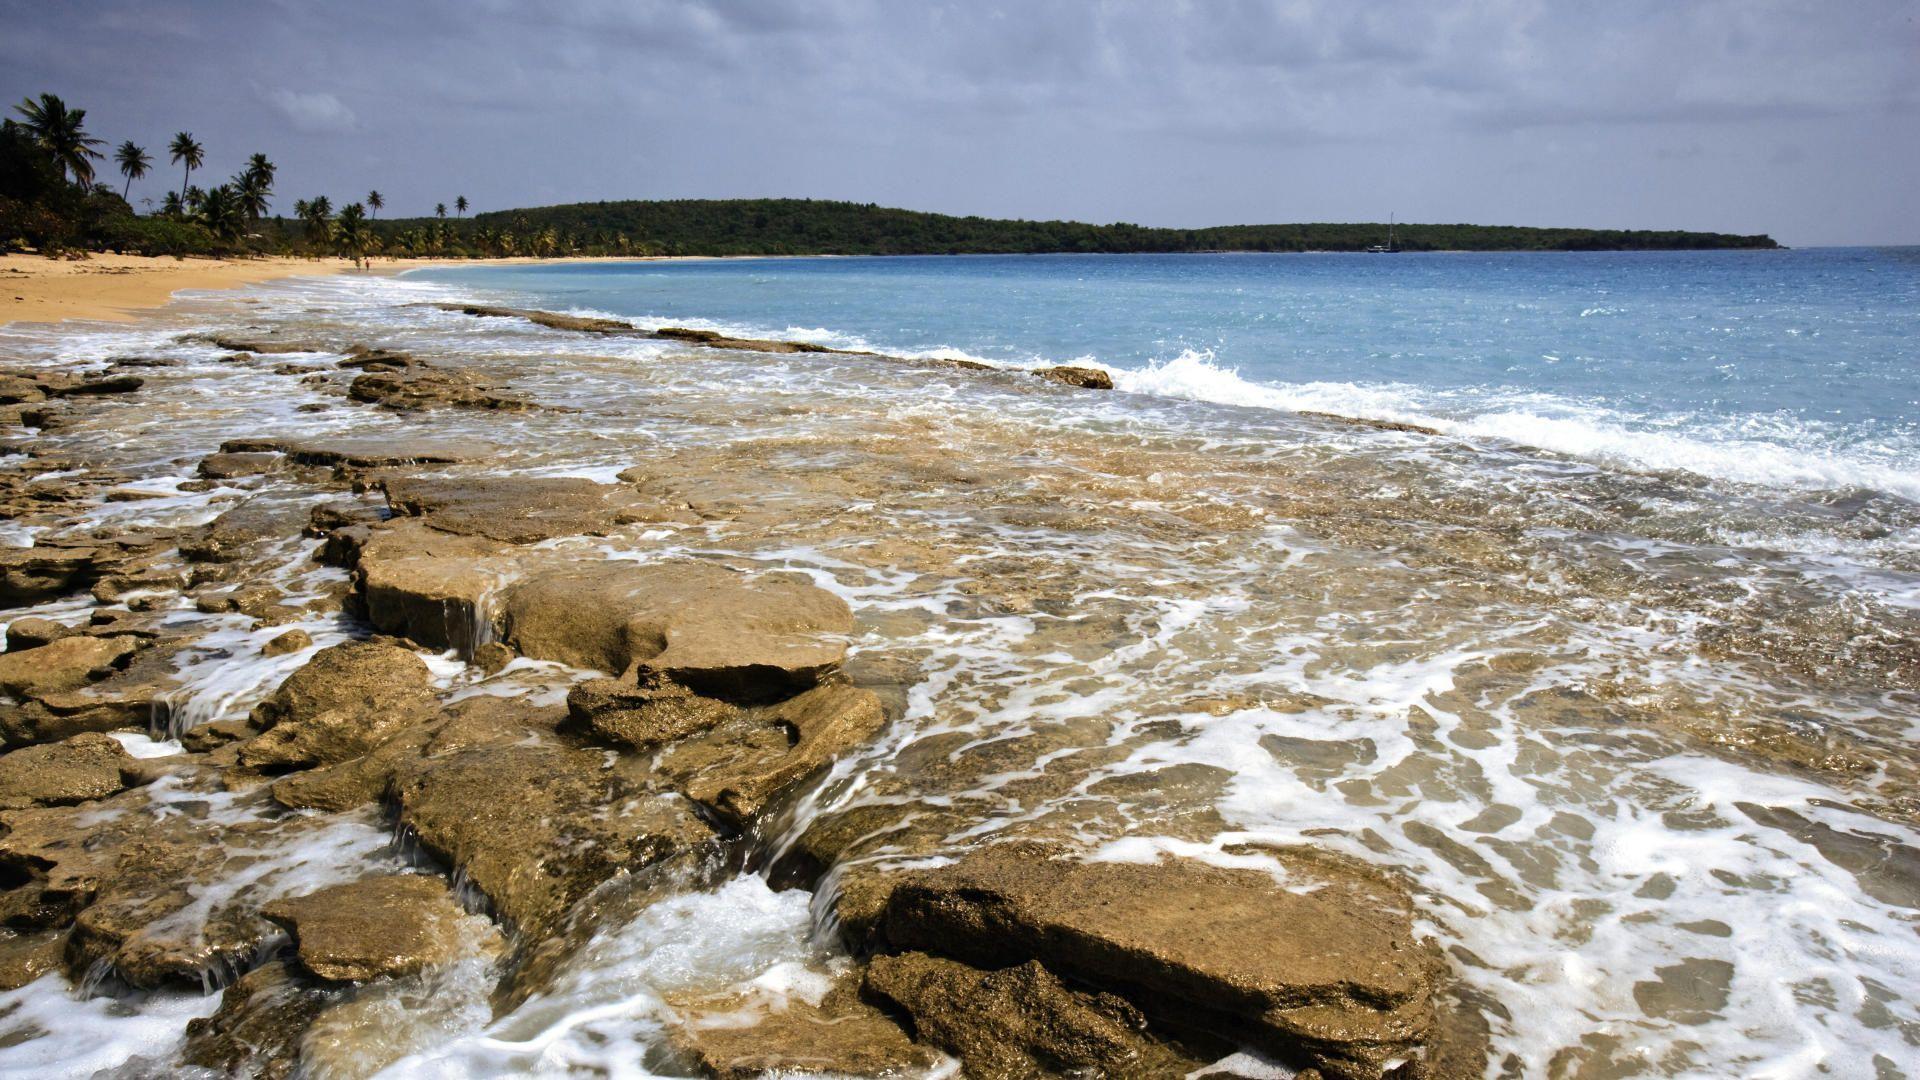 24499 скачать обои Пейзаж, Камни, Море, Волны, Пляж, Пальмы - заставки и картинки бесплатно